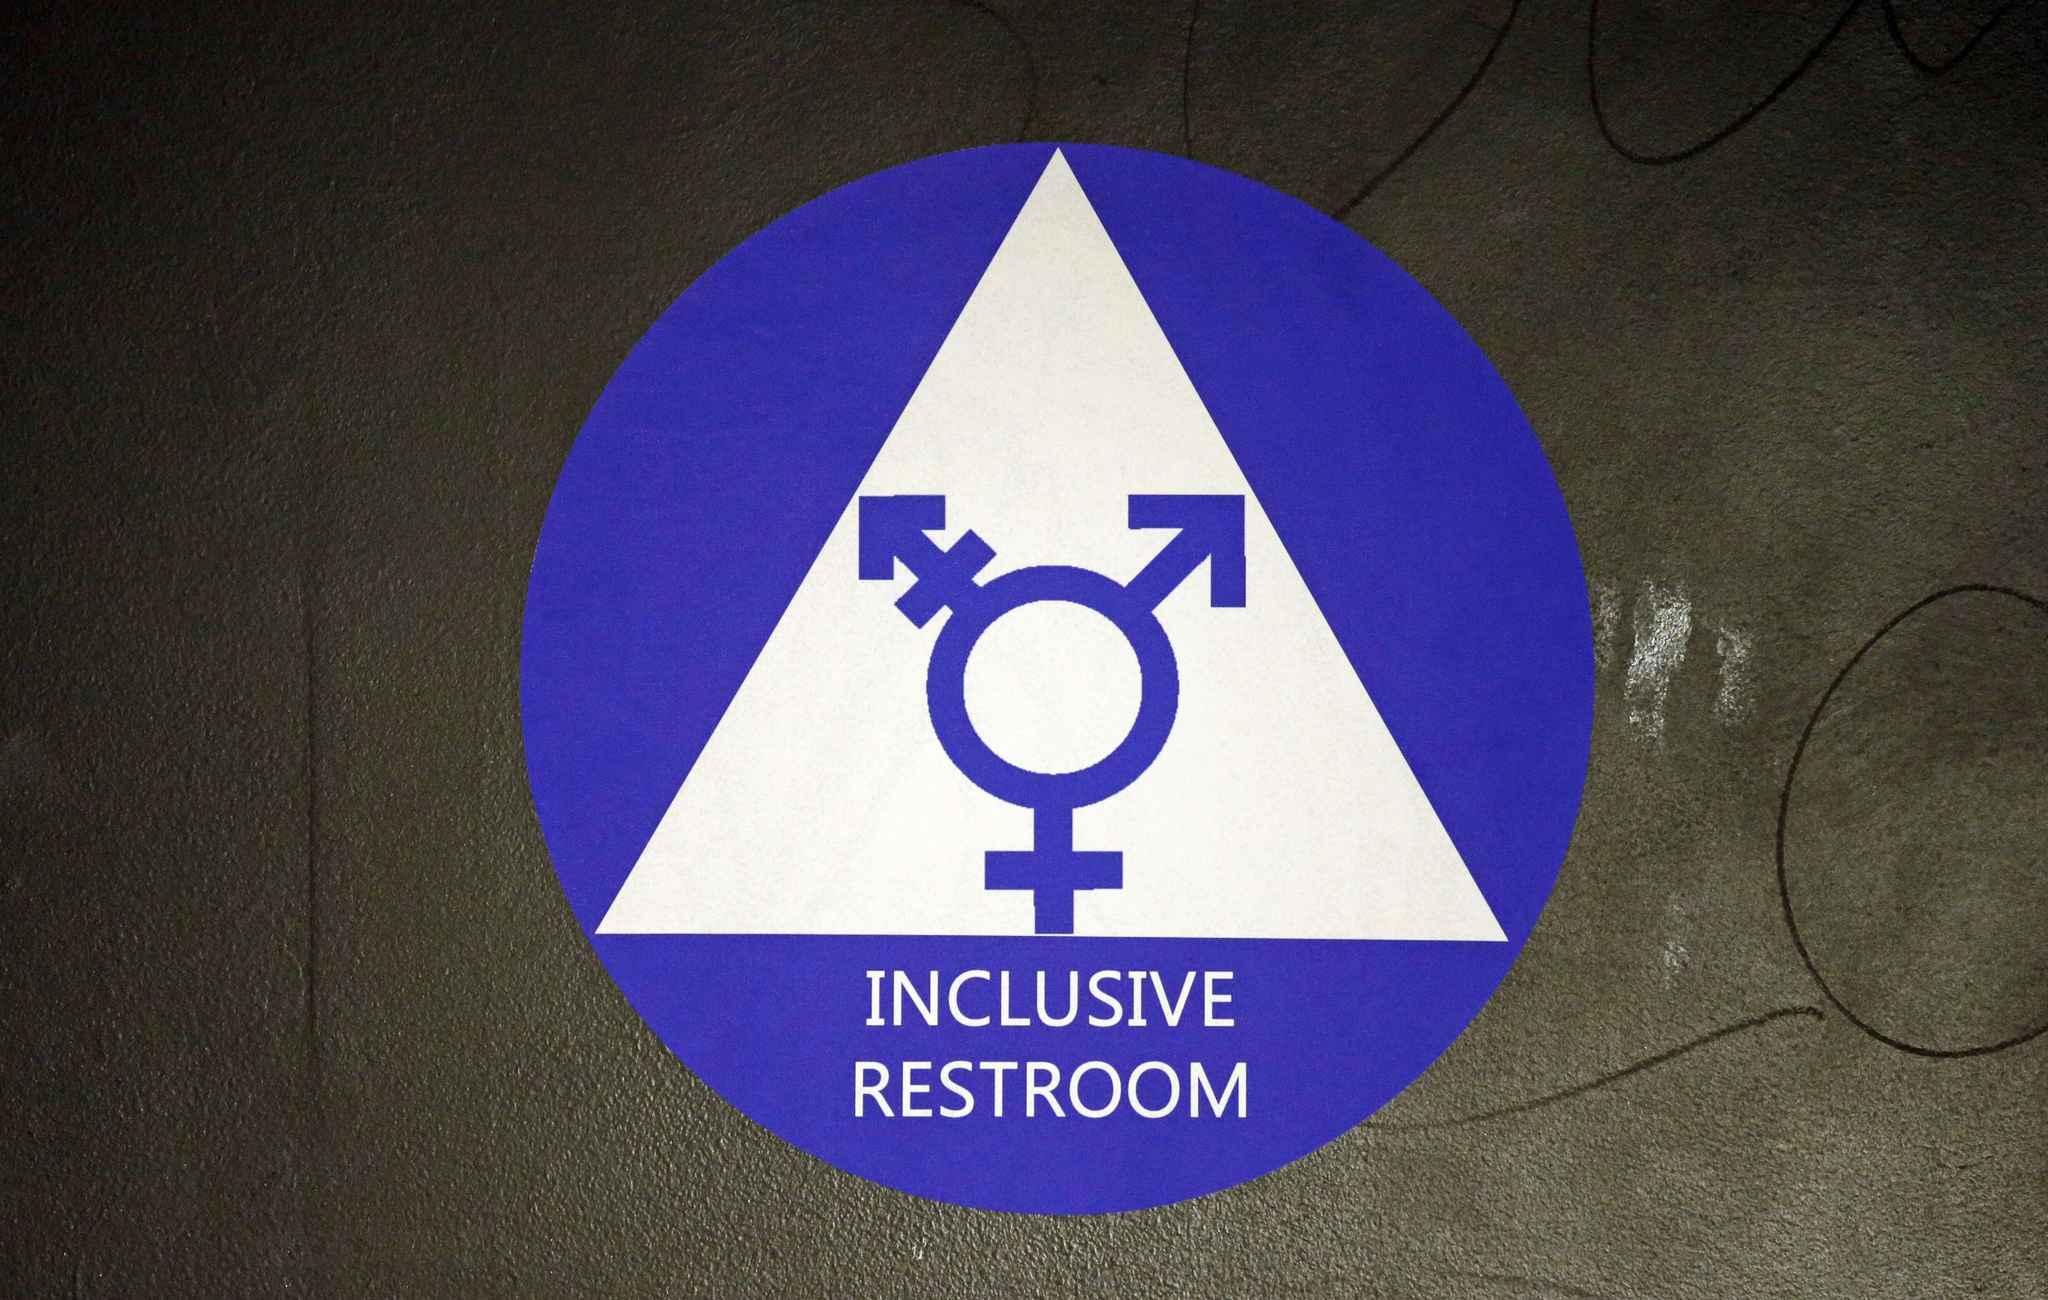 jo 2020 le japon installe des toilettes unisexes pour les transgenres. Black Bedroom Furniture Sets. Home Design Ideas